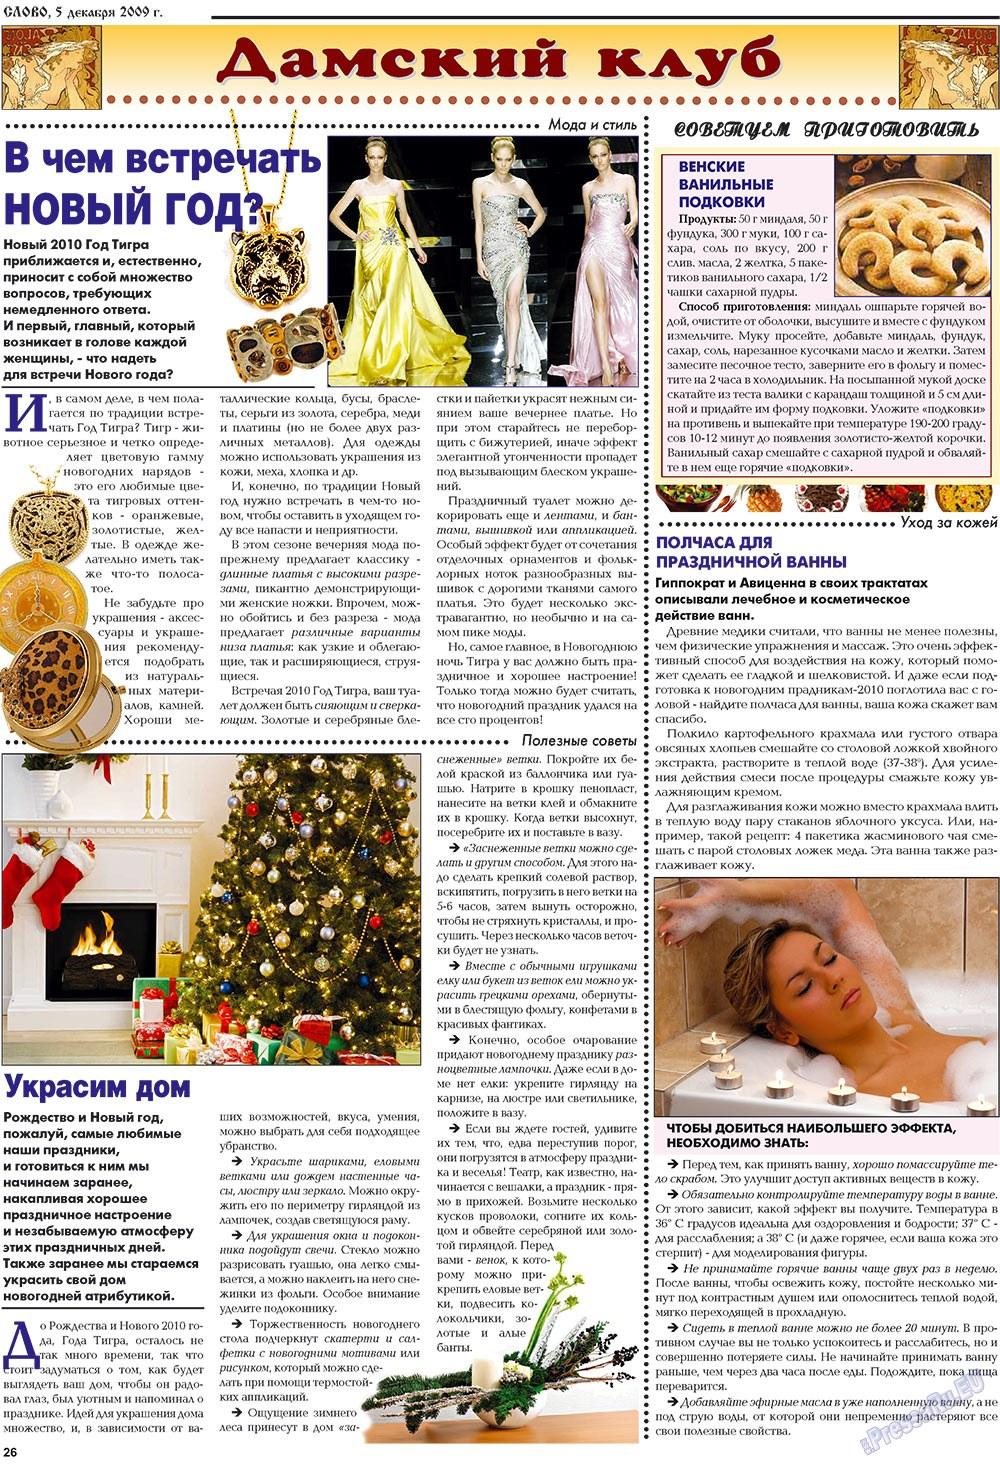 Слово (газета). 2009 год, номер 49, стр. 26